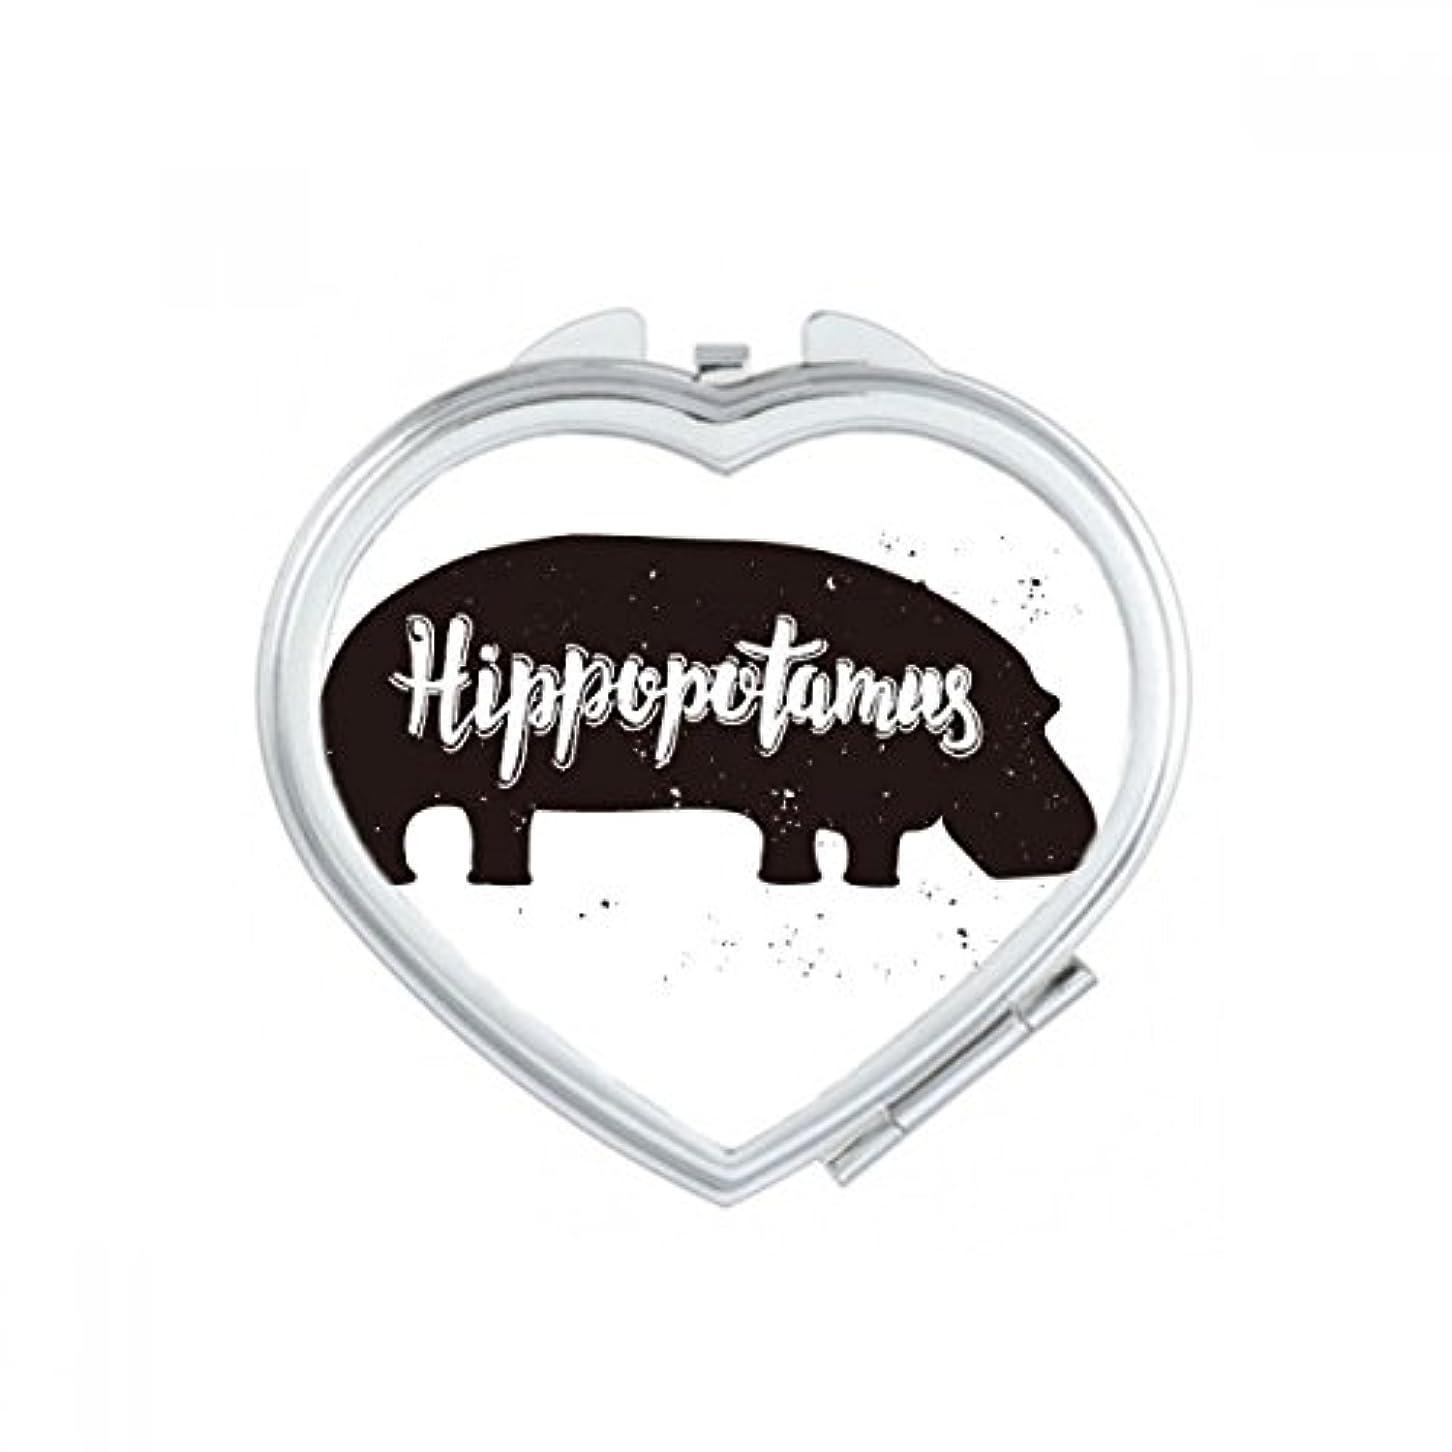 押すつかの間感じるカバの黒と白のシャドー動物スケッチ ハートコンパクト化粧ポケットミラー携帯用の小さなかわいいハンドミラープレゼント